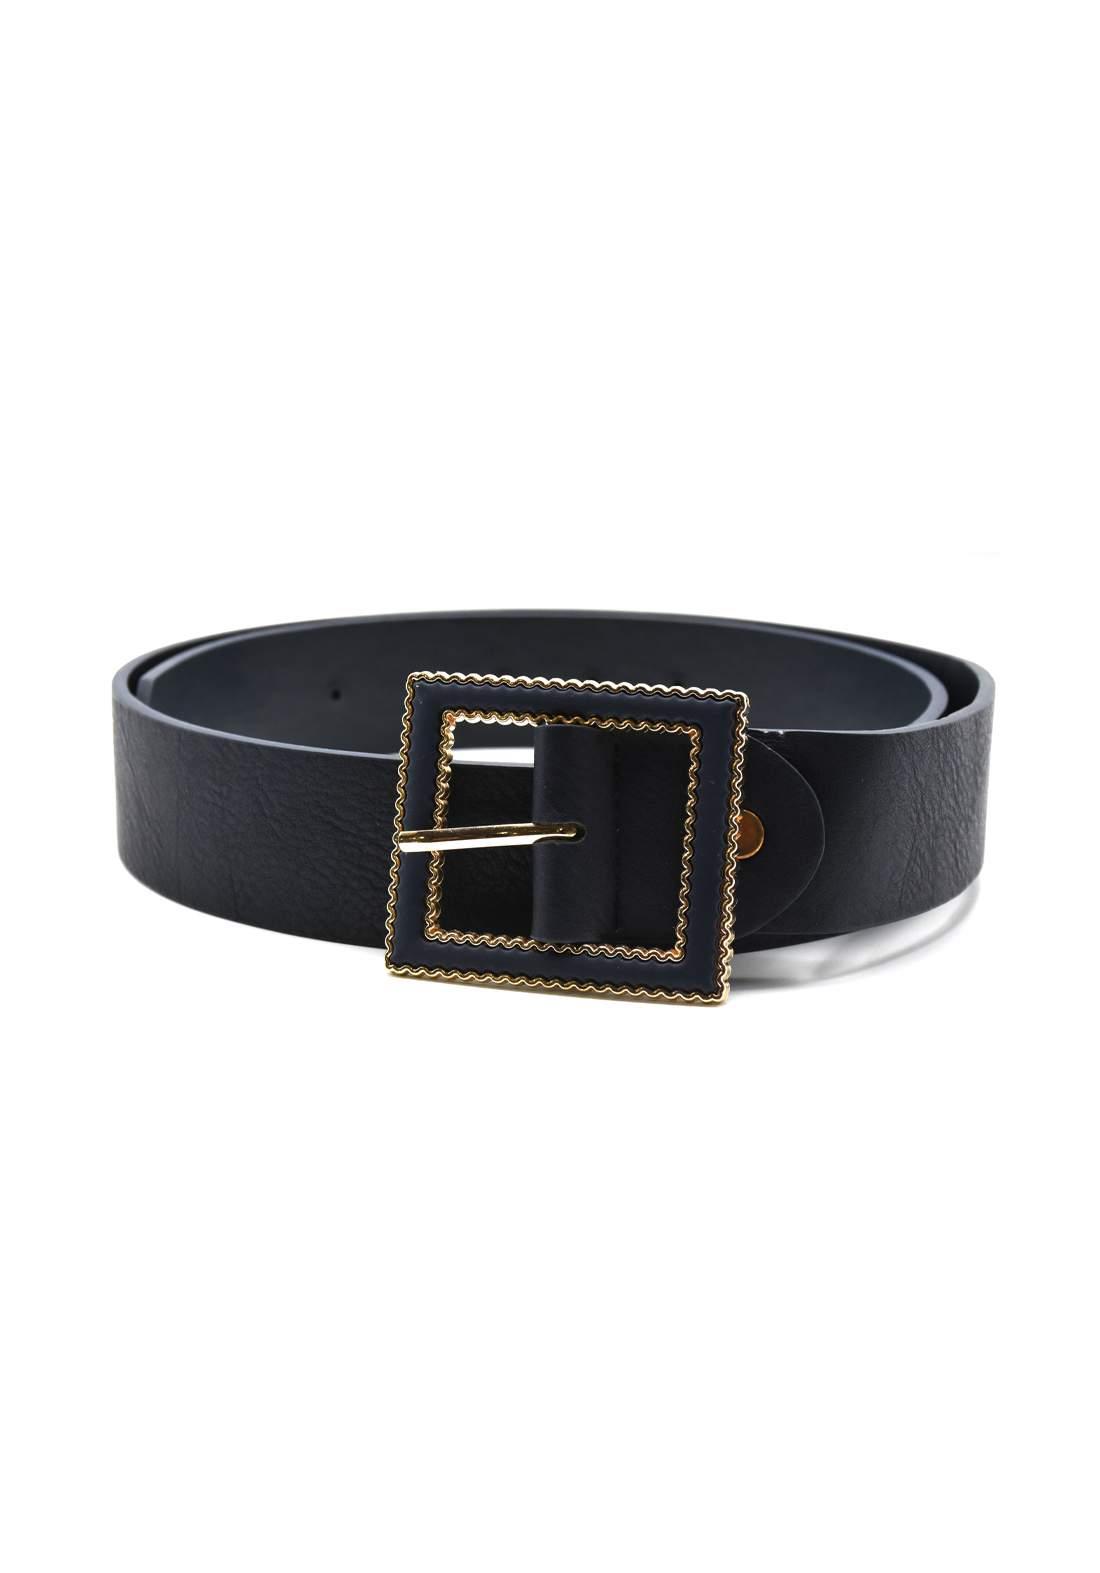 حزام نسائي جلد نيلي اللون بأبزيم ذهبي  116 سم